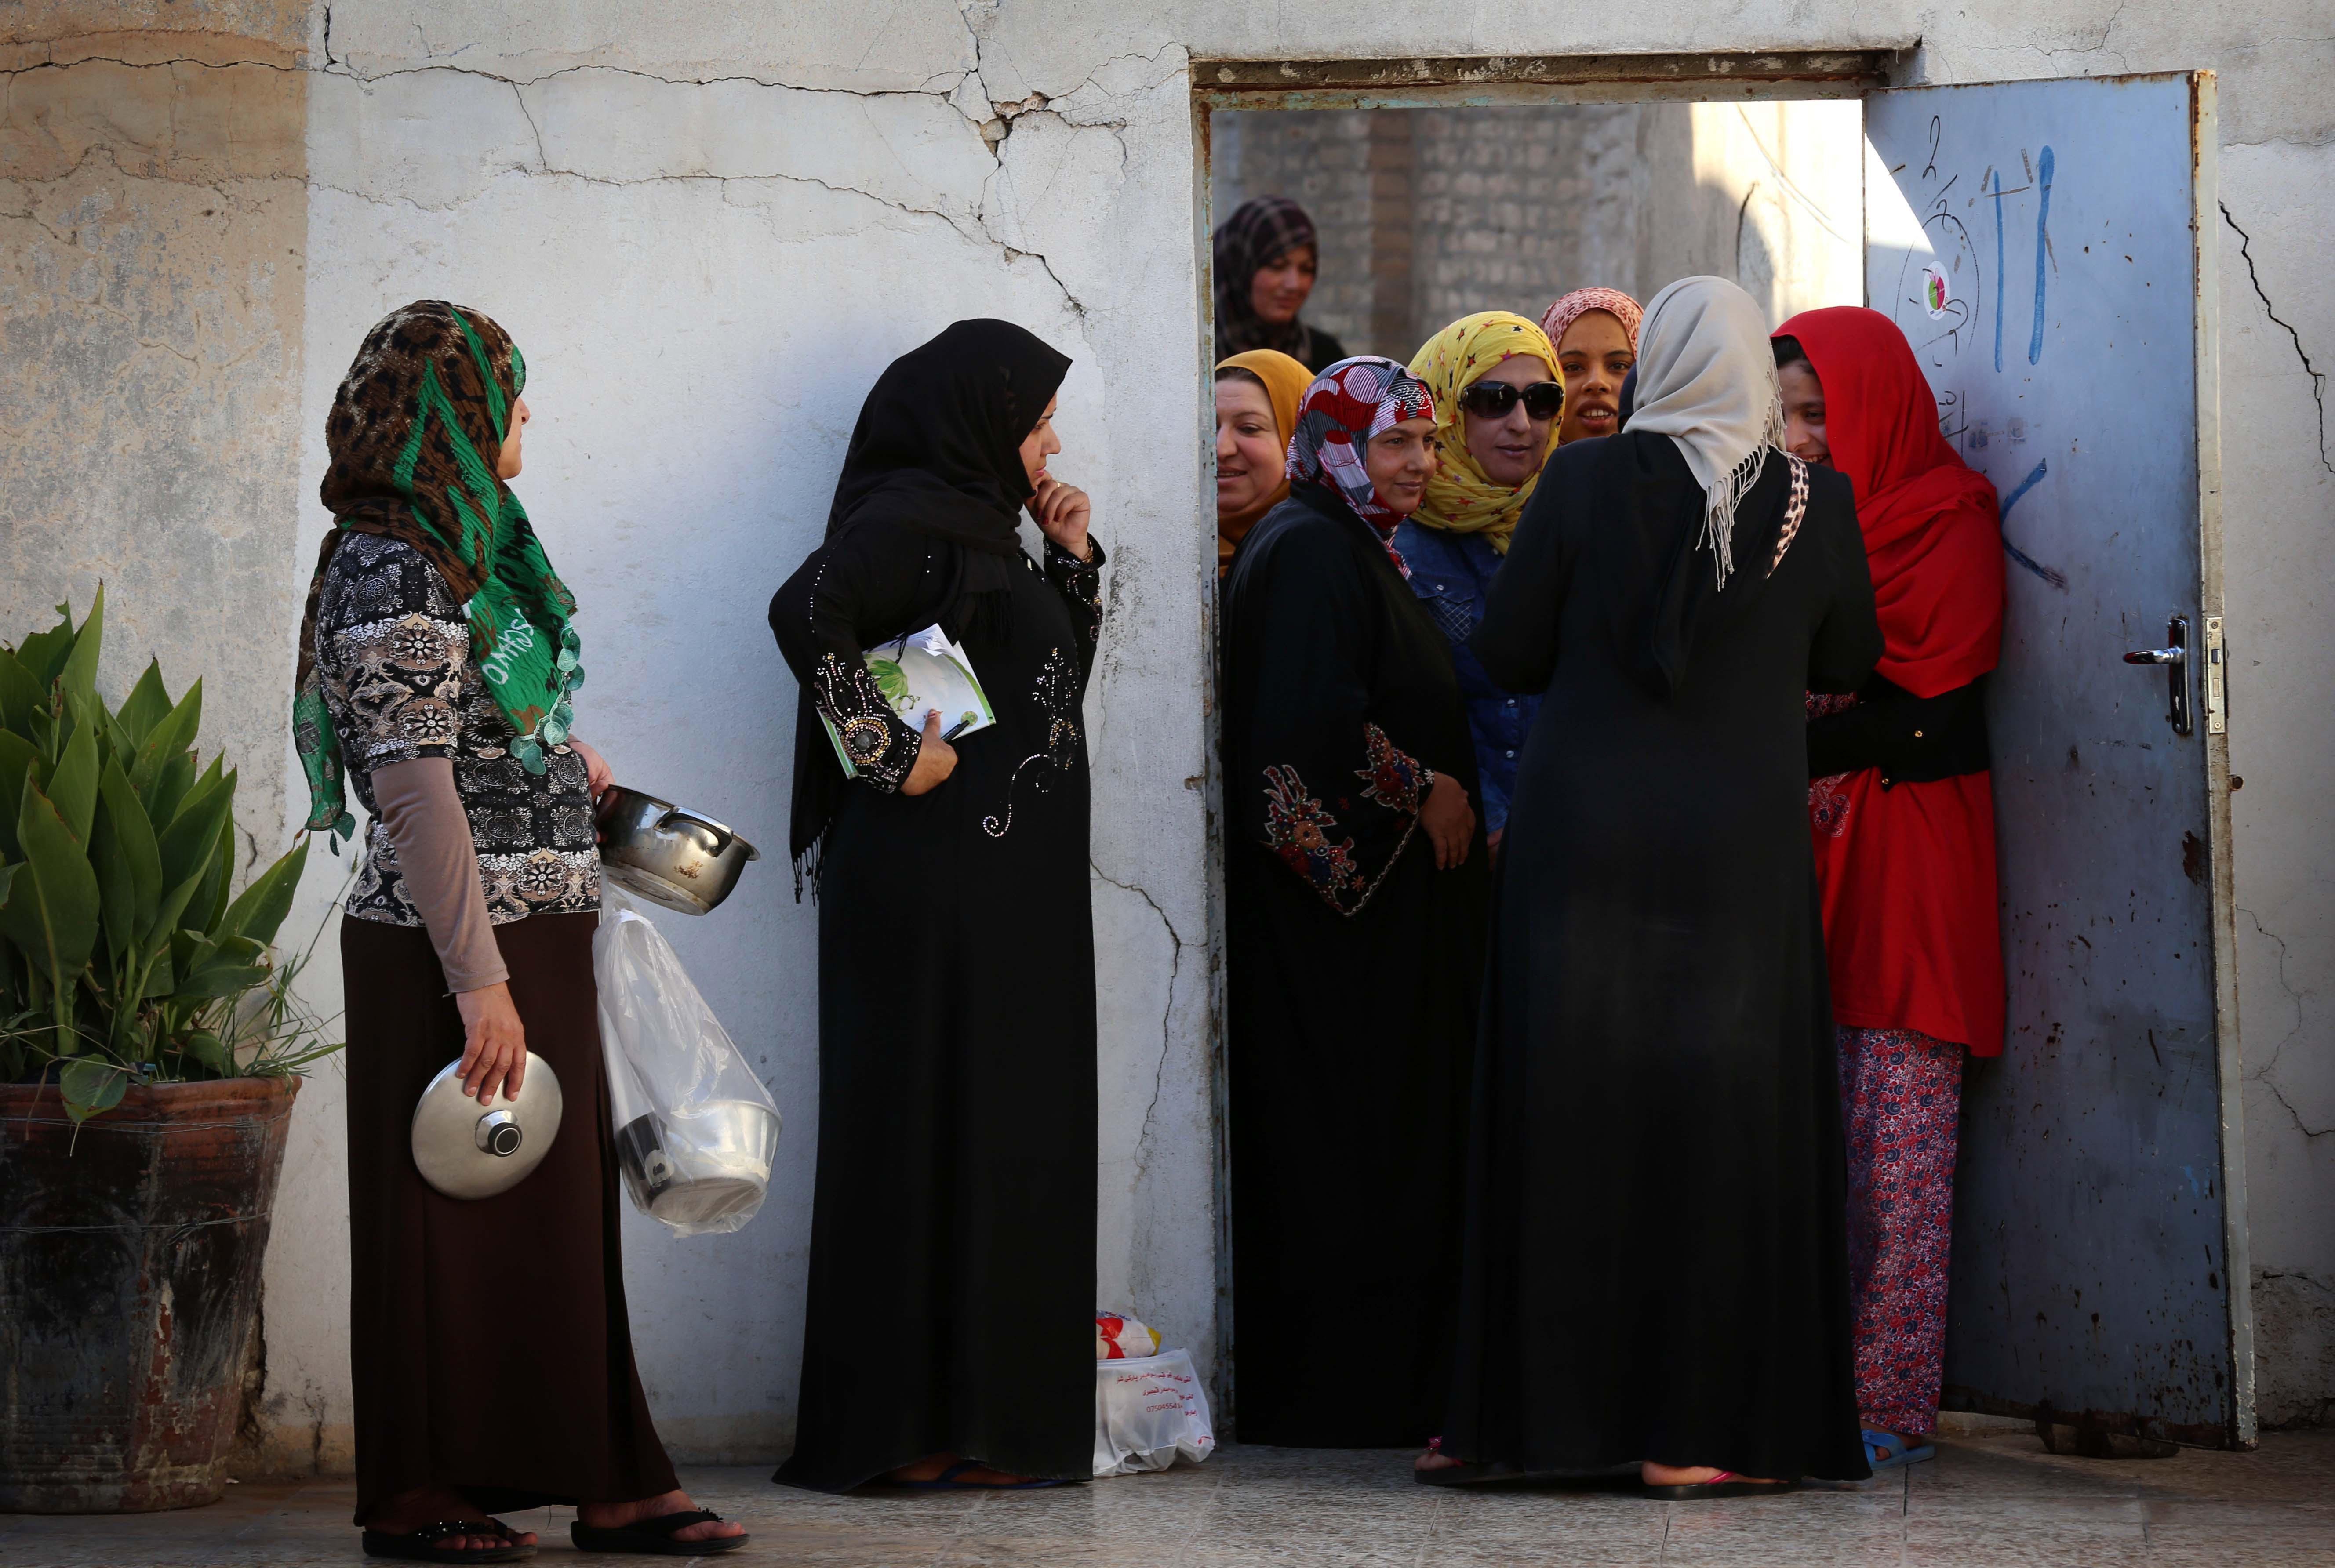 النزوح كان على قائمة مسببات الطلاق في العراق